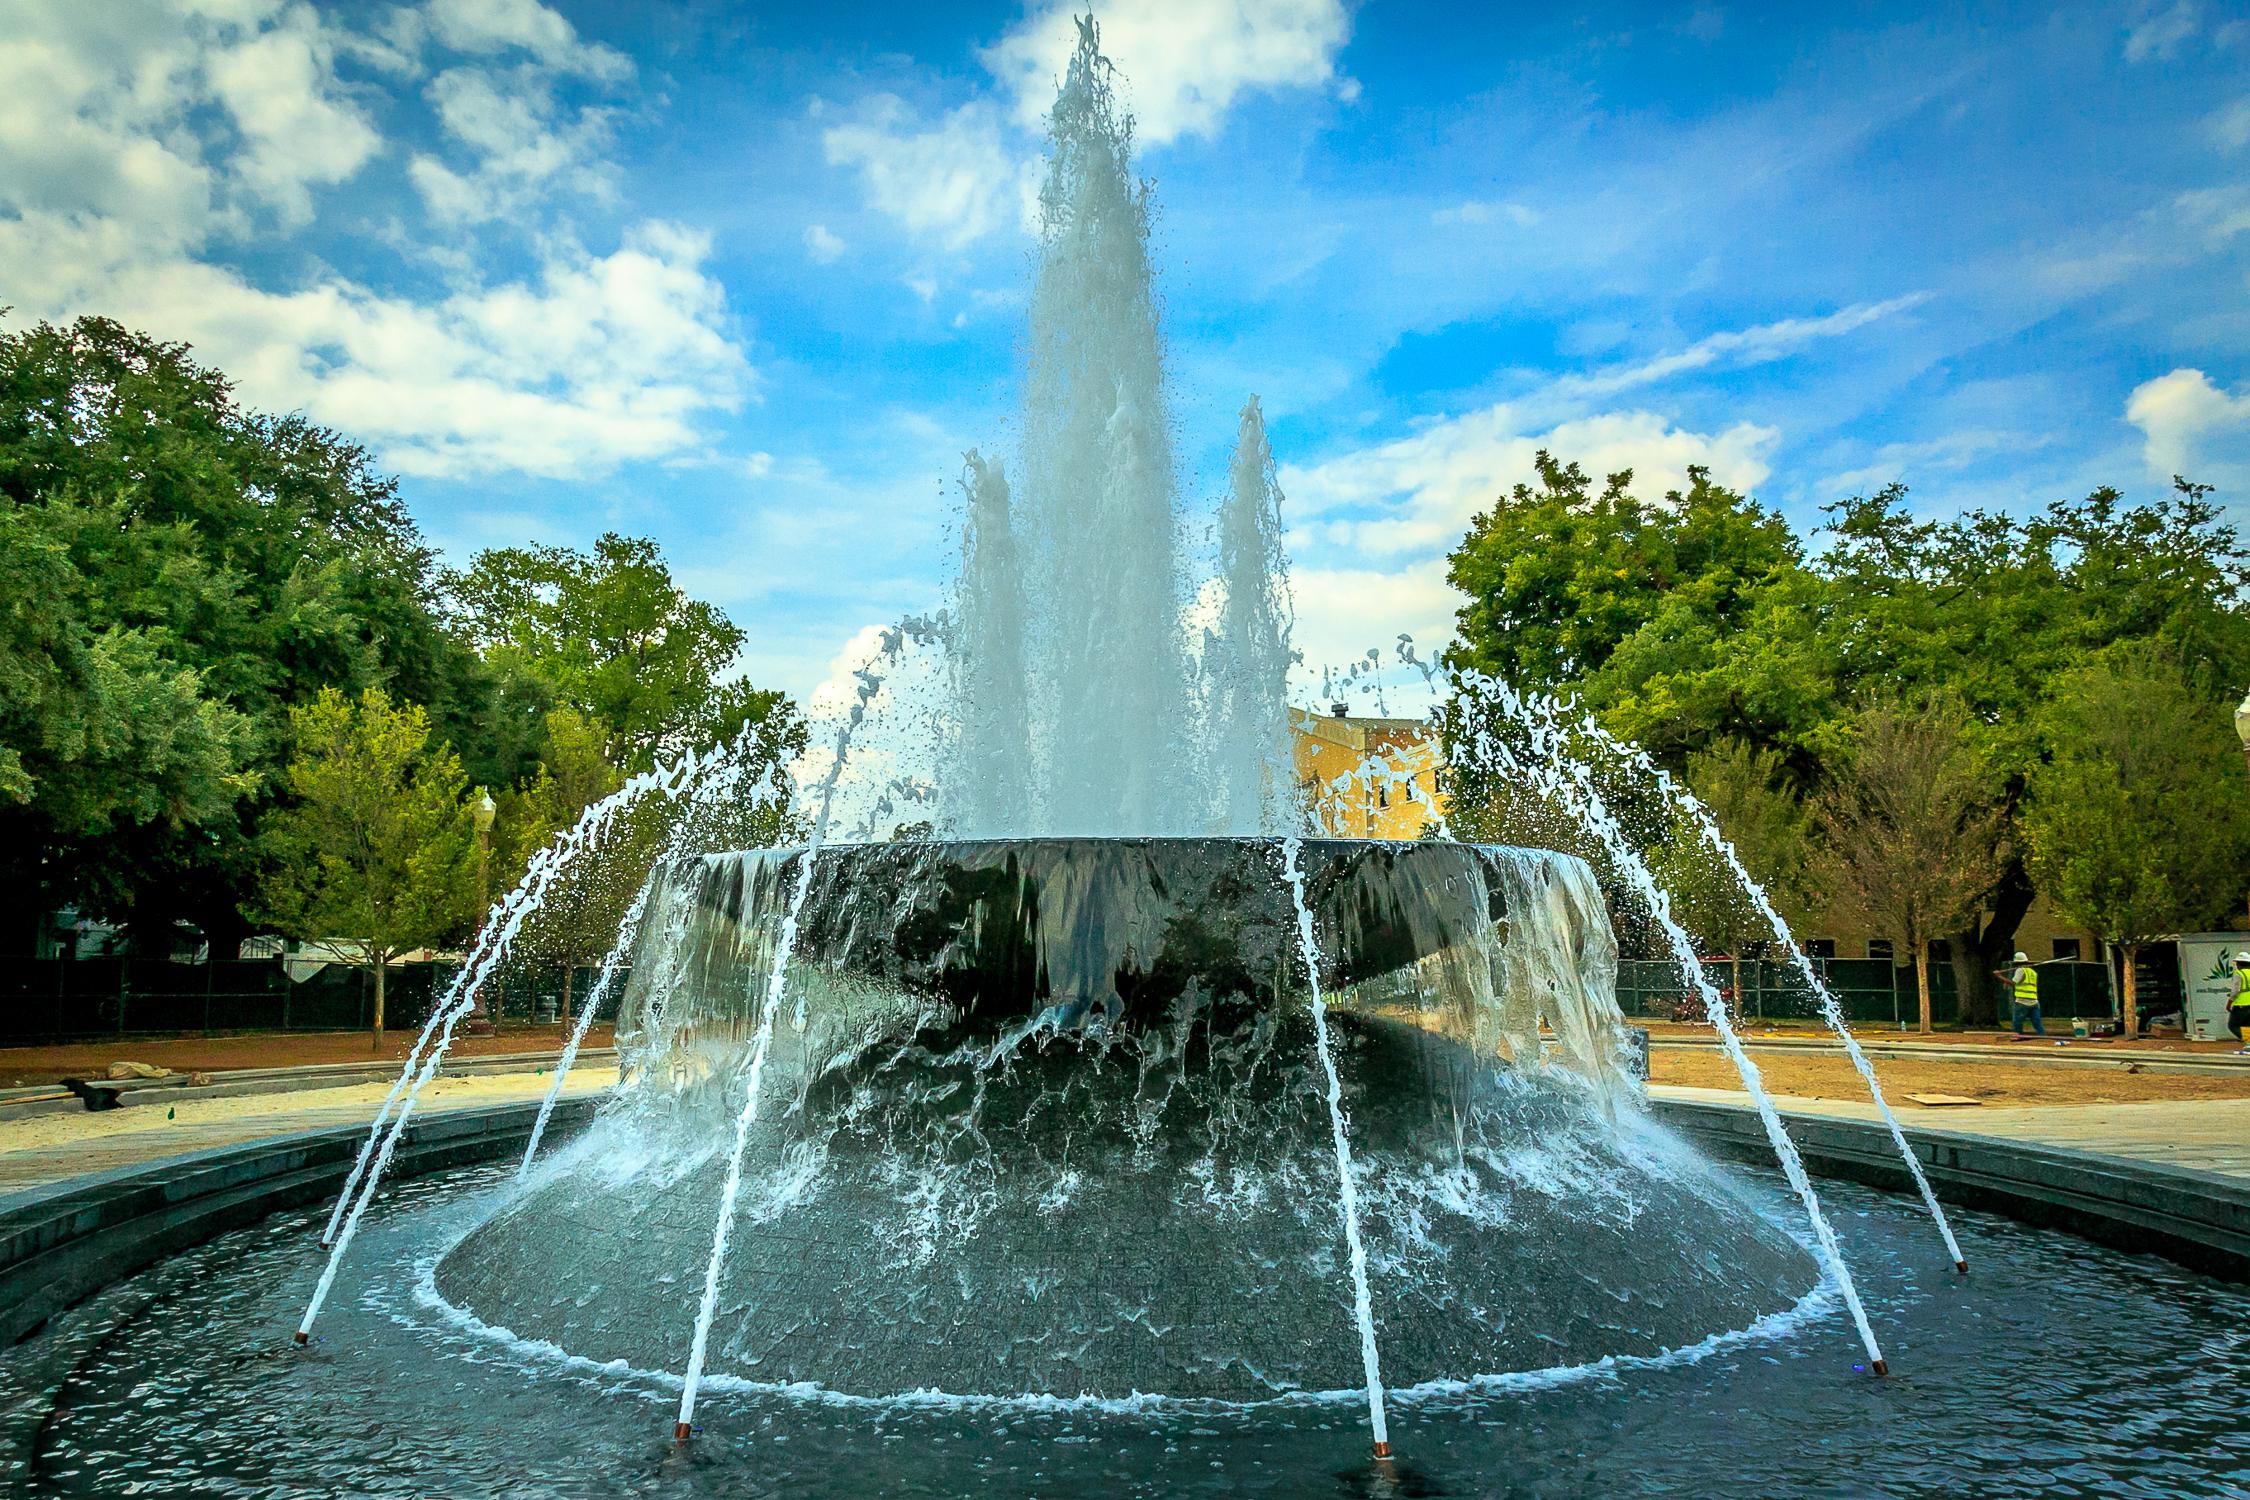 иногда картинки фонтан источник певца тот